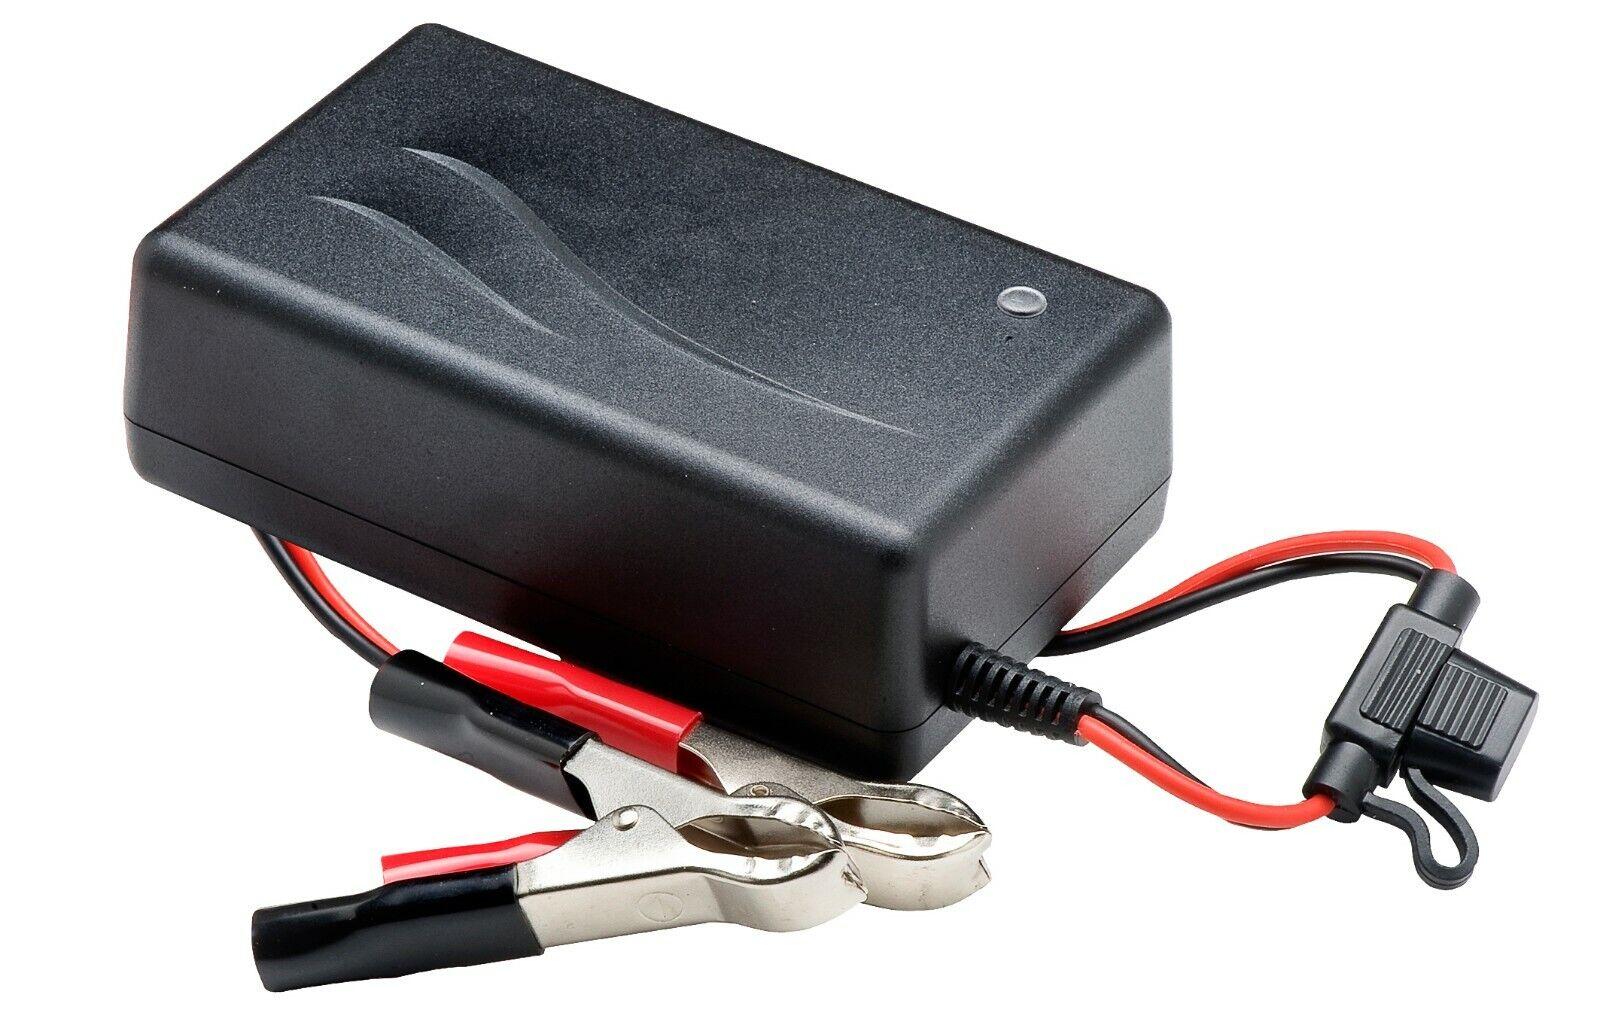 Mascot 2215 NiMH cargador para conjuntos de baterías 5-10 celdas 7,2-12v 1,8a régimen